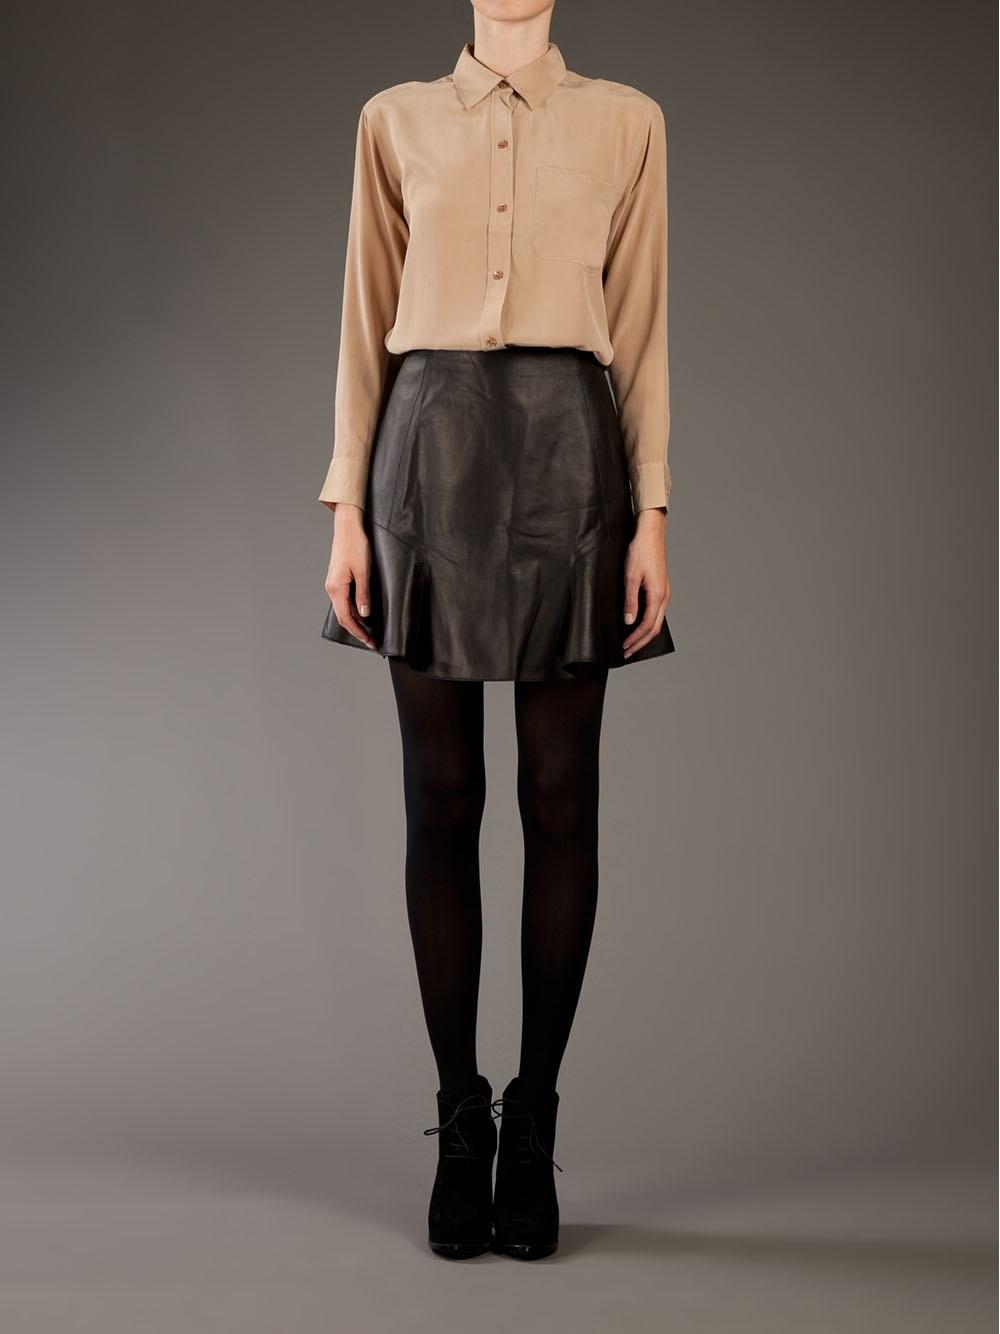 33d6f0d46d082 Equipment daddy silk blouse in natural lyst jpg 1000x1334 Camel silk blouse